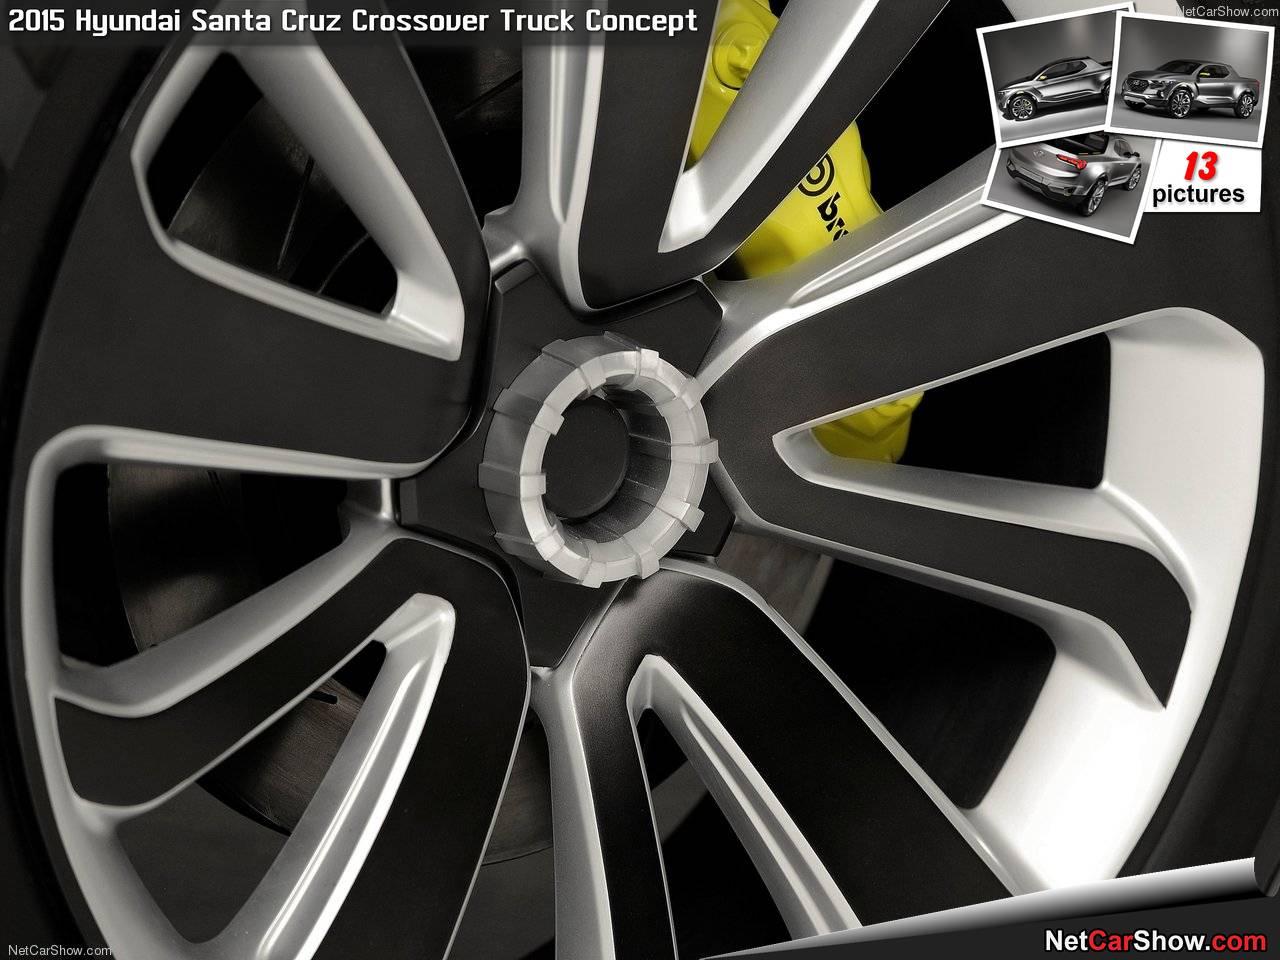 Hyundai Santa Cruz Crossover Truck Concept (2015) picture #11, 1280x960